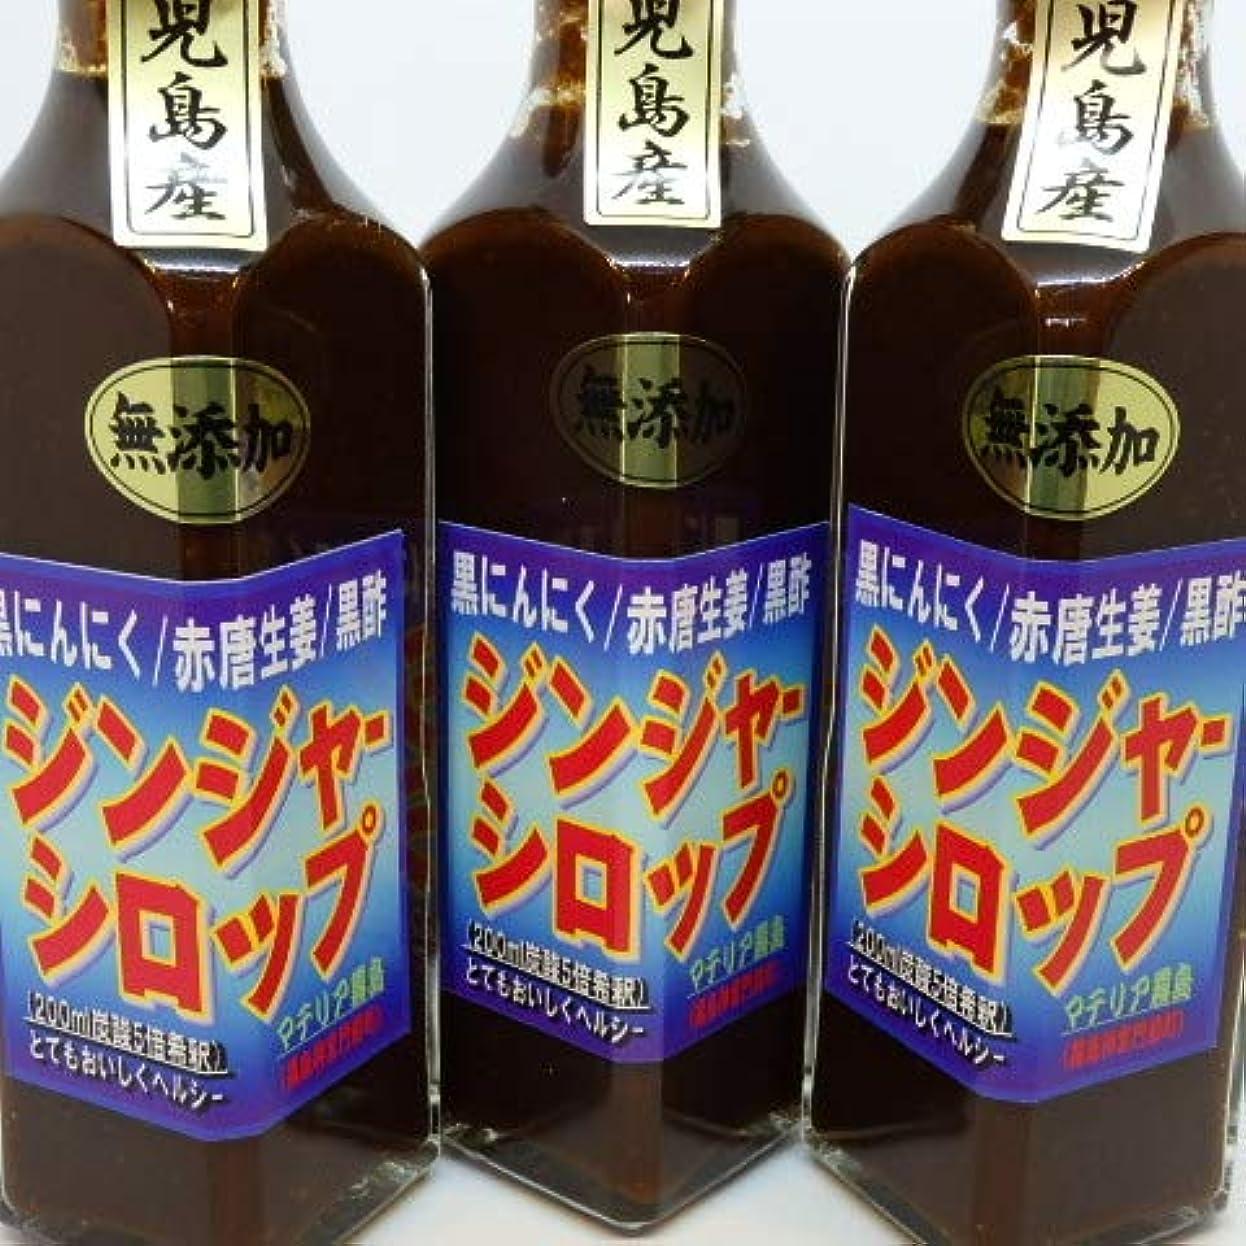 経済的鋸歯状かすれた無添加健康食品/黒酢黒ジンジャ-/無添加/200ml×3組90日分¥10,800